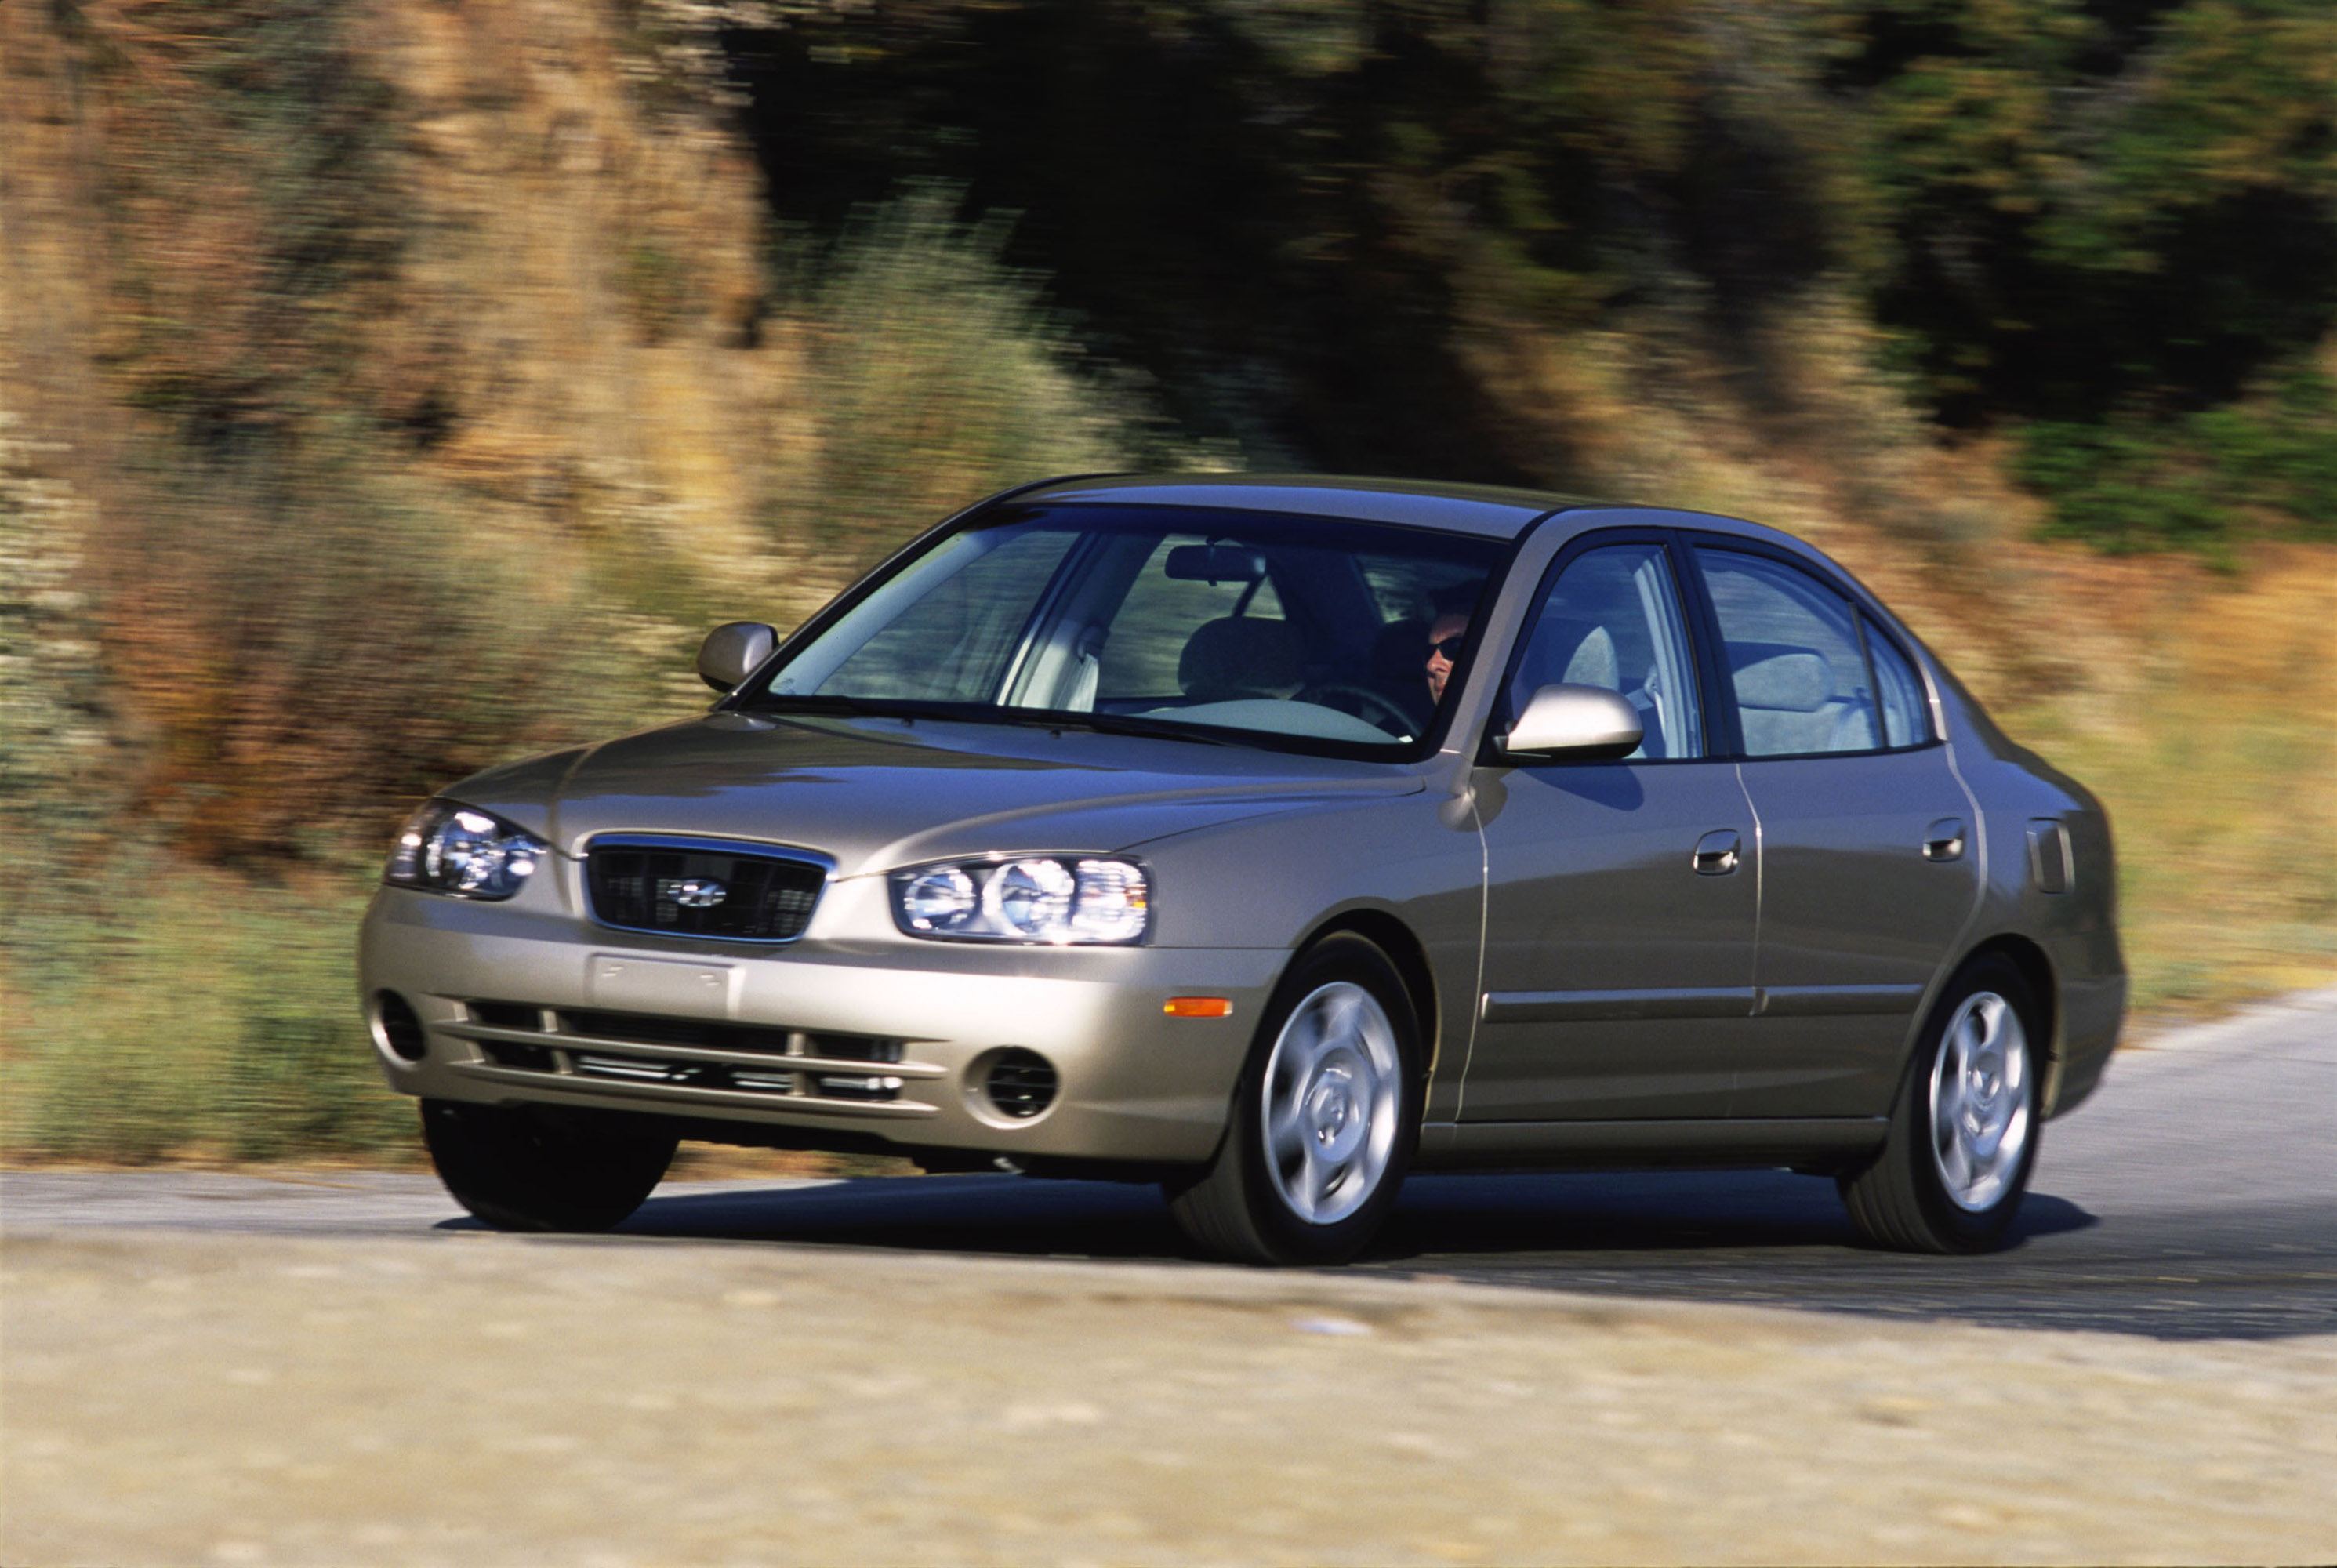 2001 Hyundai Elantra Gls Hd Pictures Carsinvasion Com